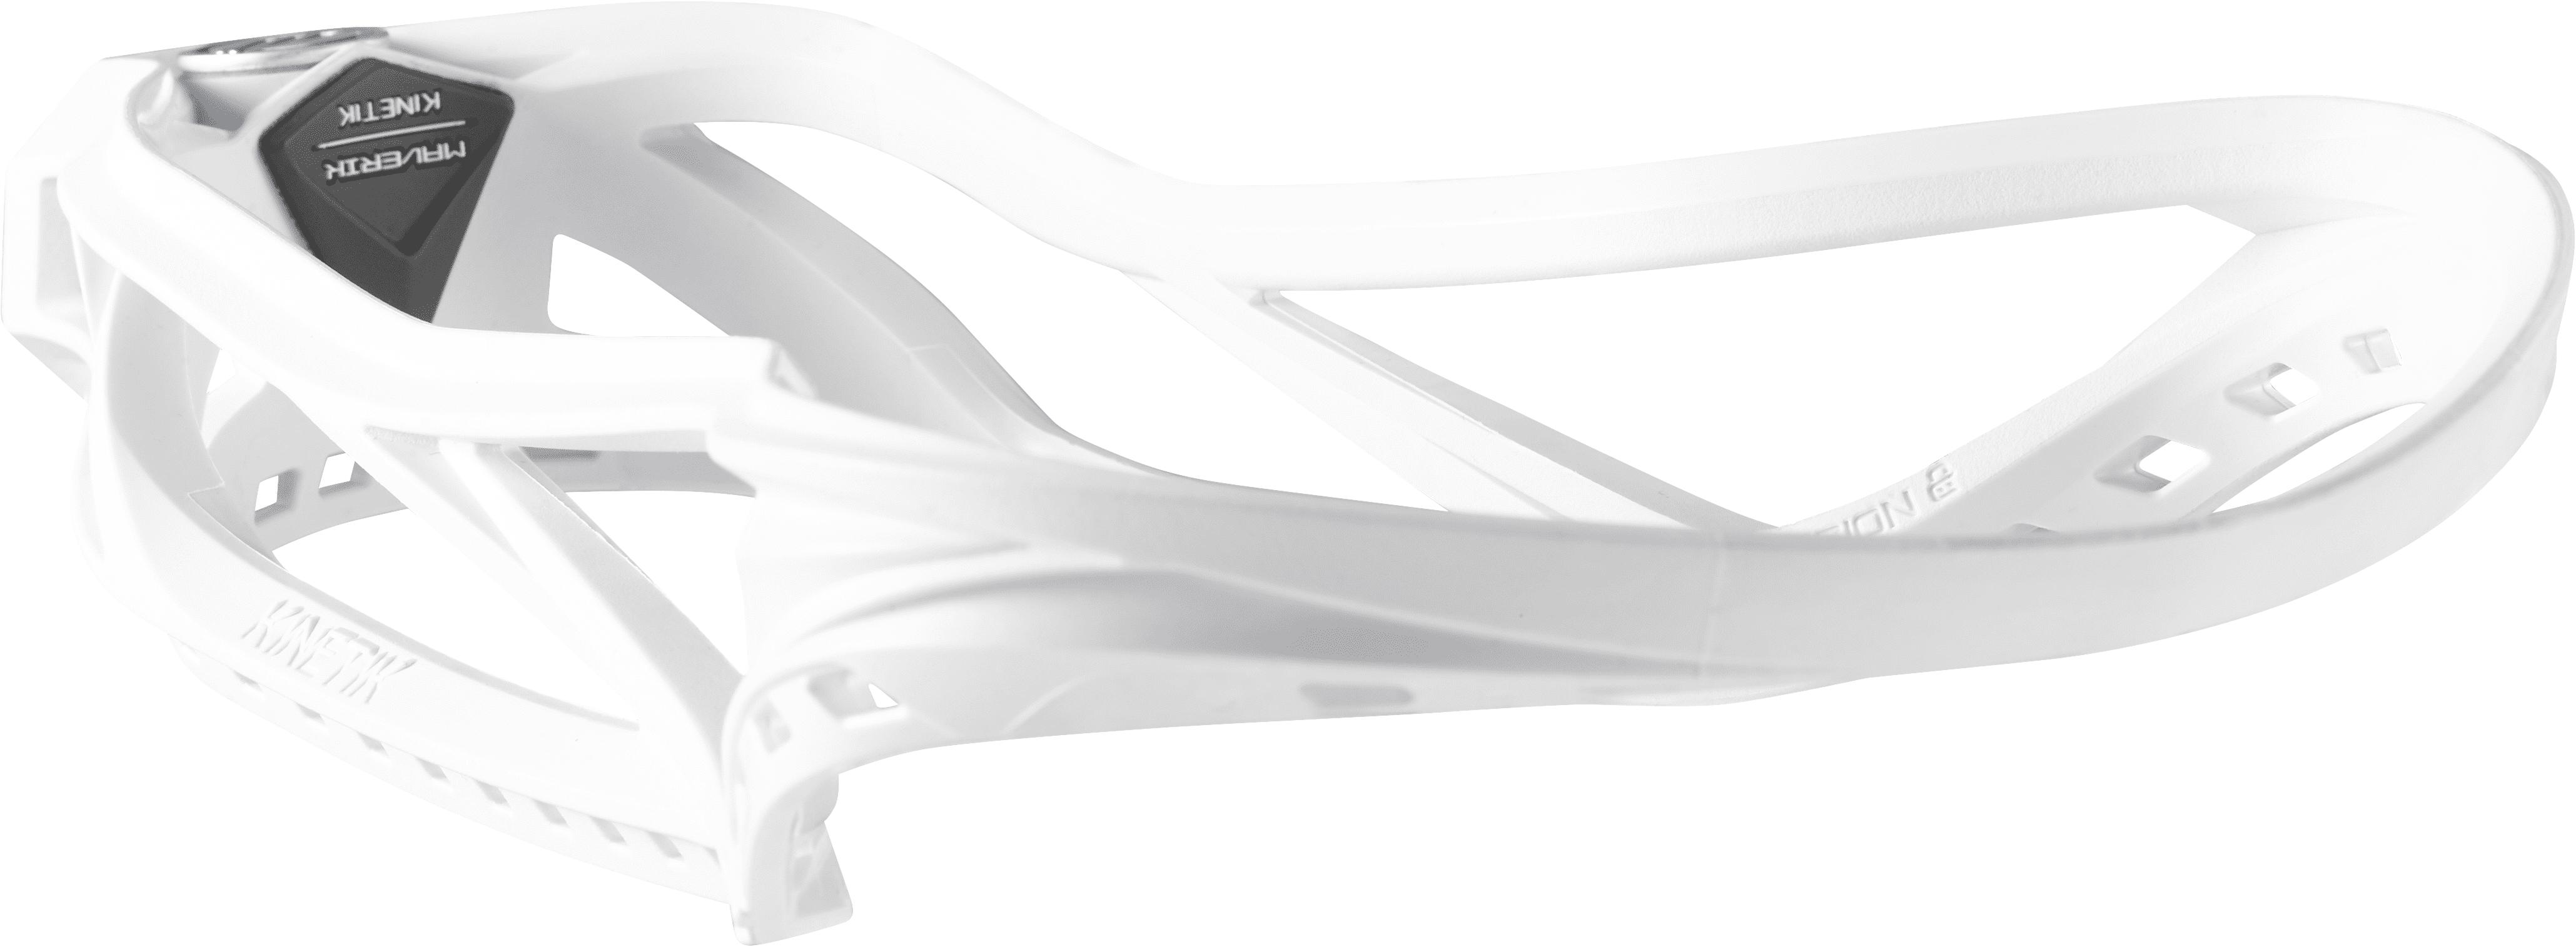 KINETIK_HEAD_WHITE_UNSTRUNG_5-1.png